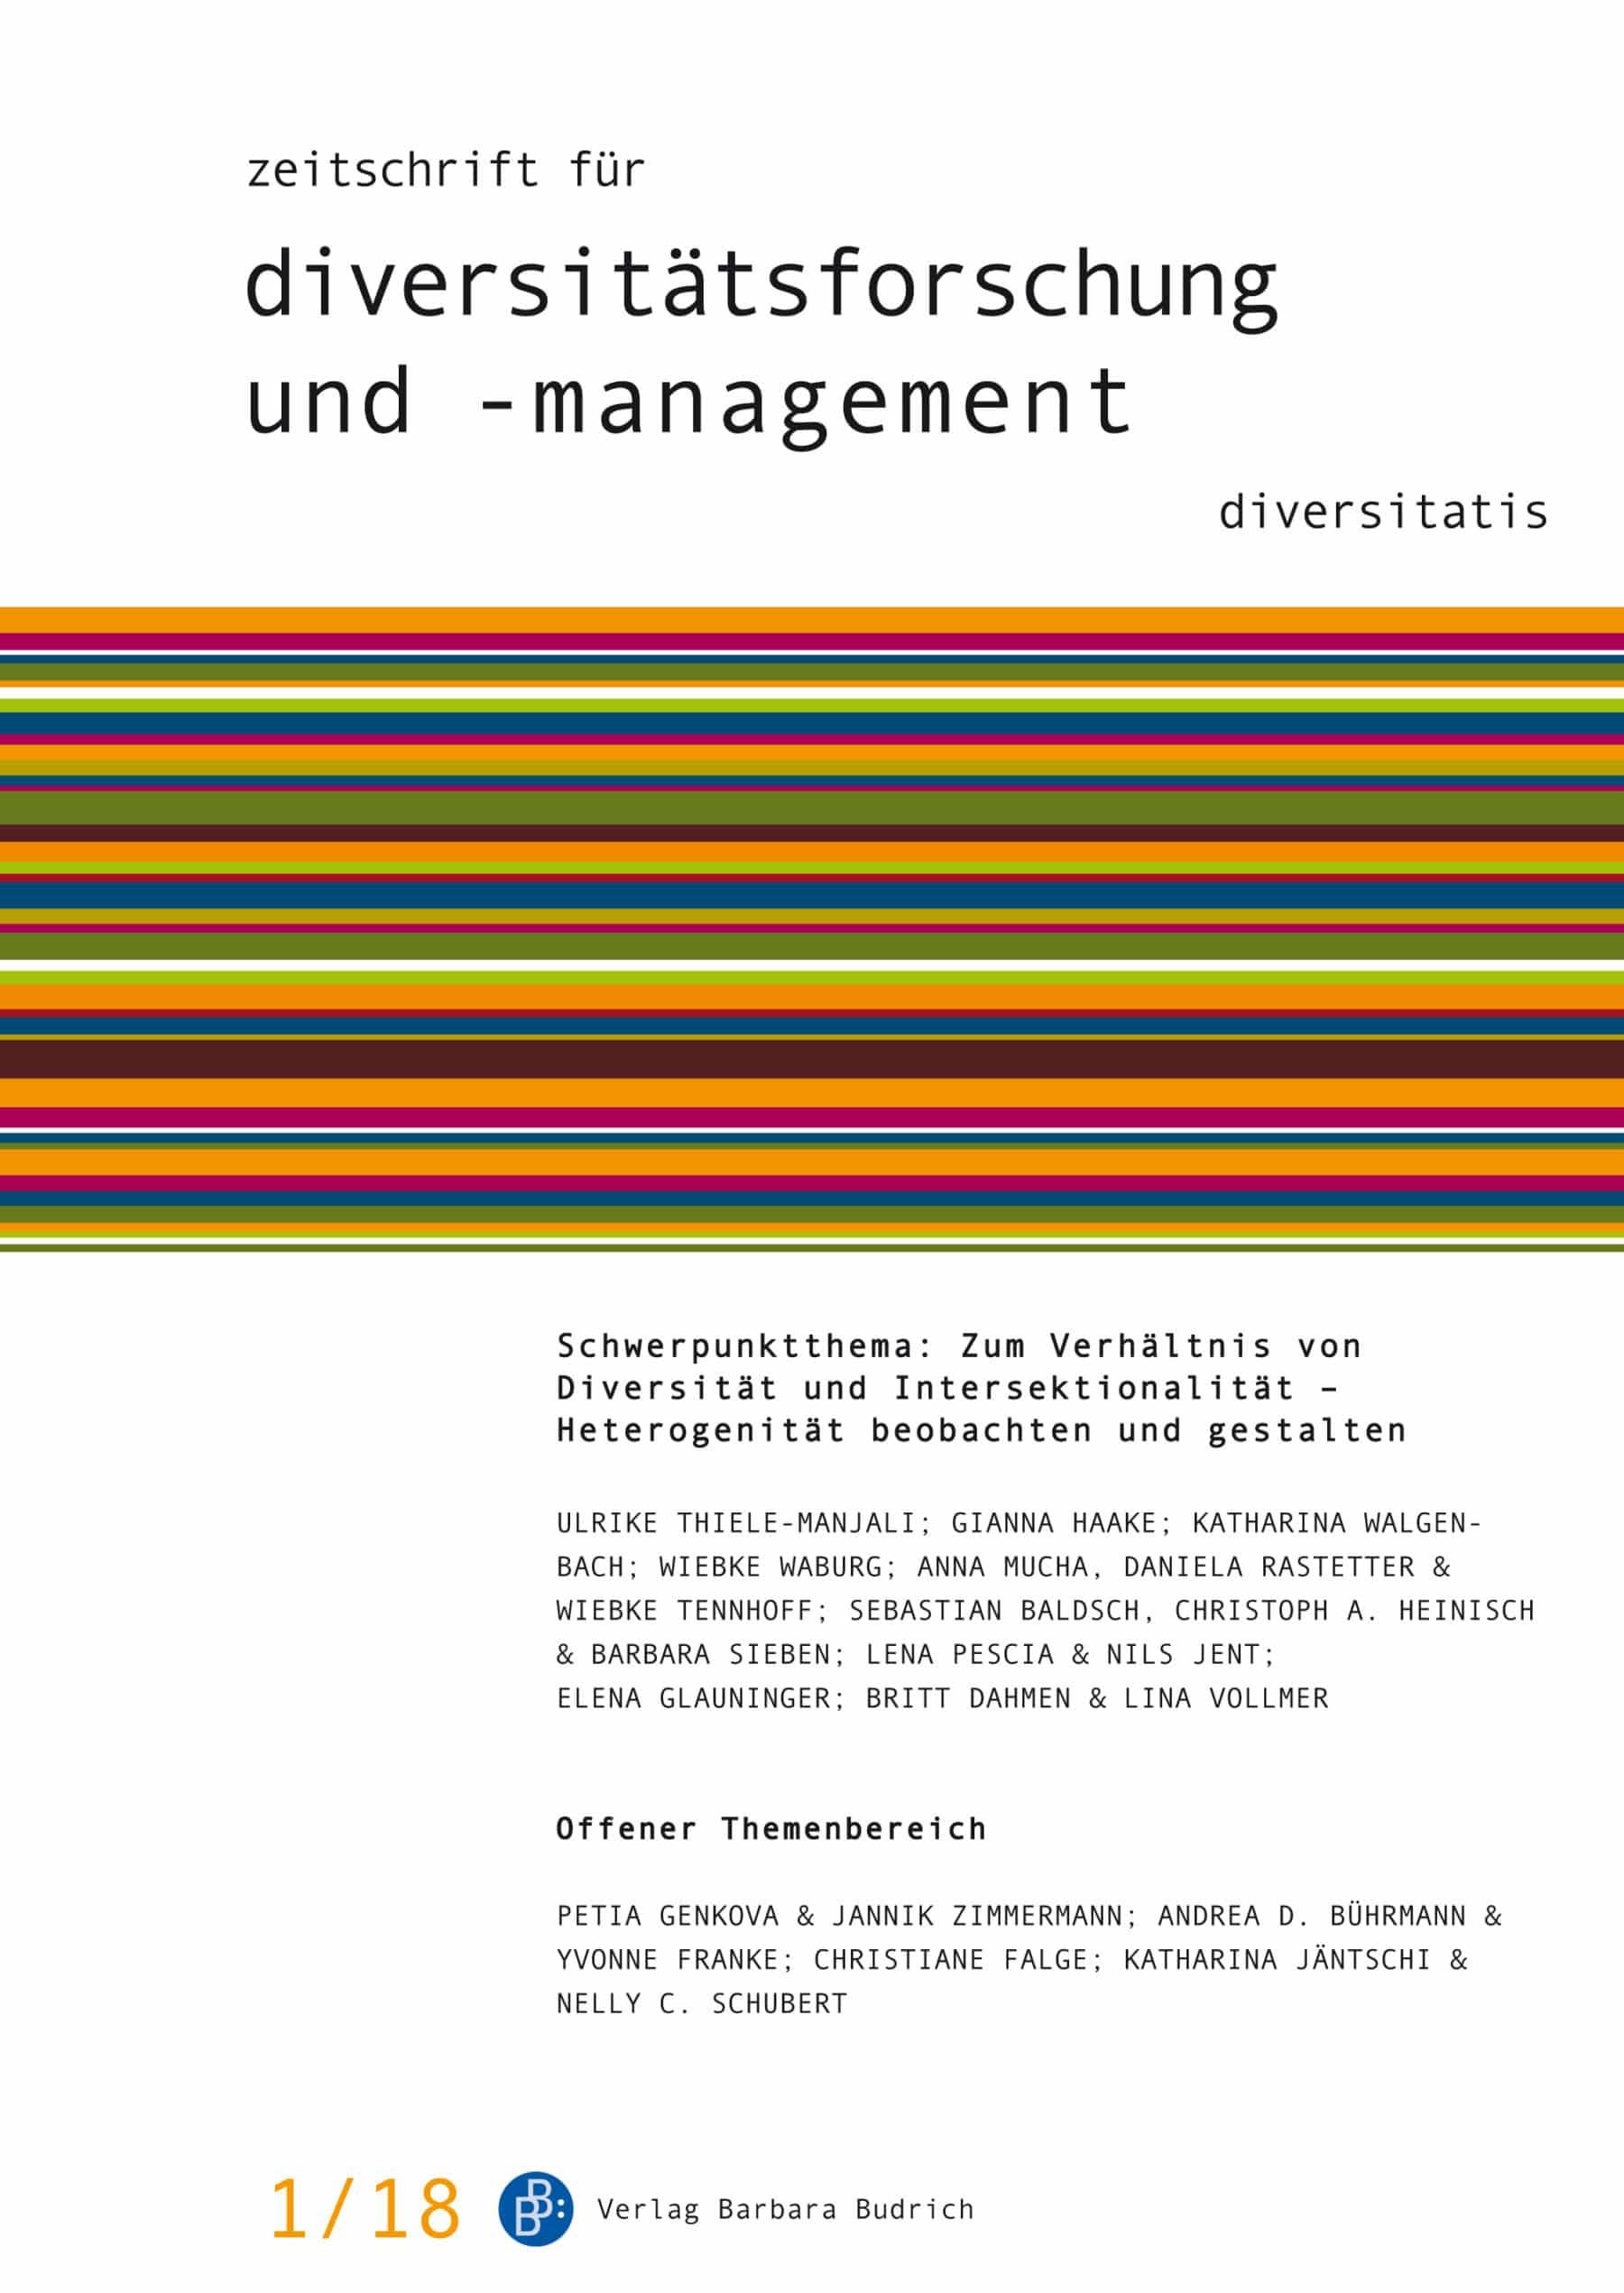 ZDfm 1-2018 | Zum Verhältnis von Diversität und Intersektionalität – Heterogenität beobachten und gestalten